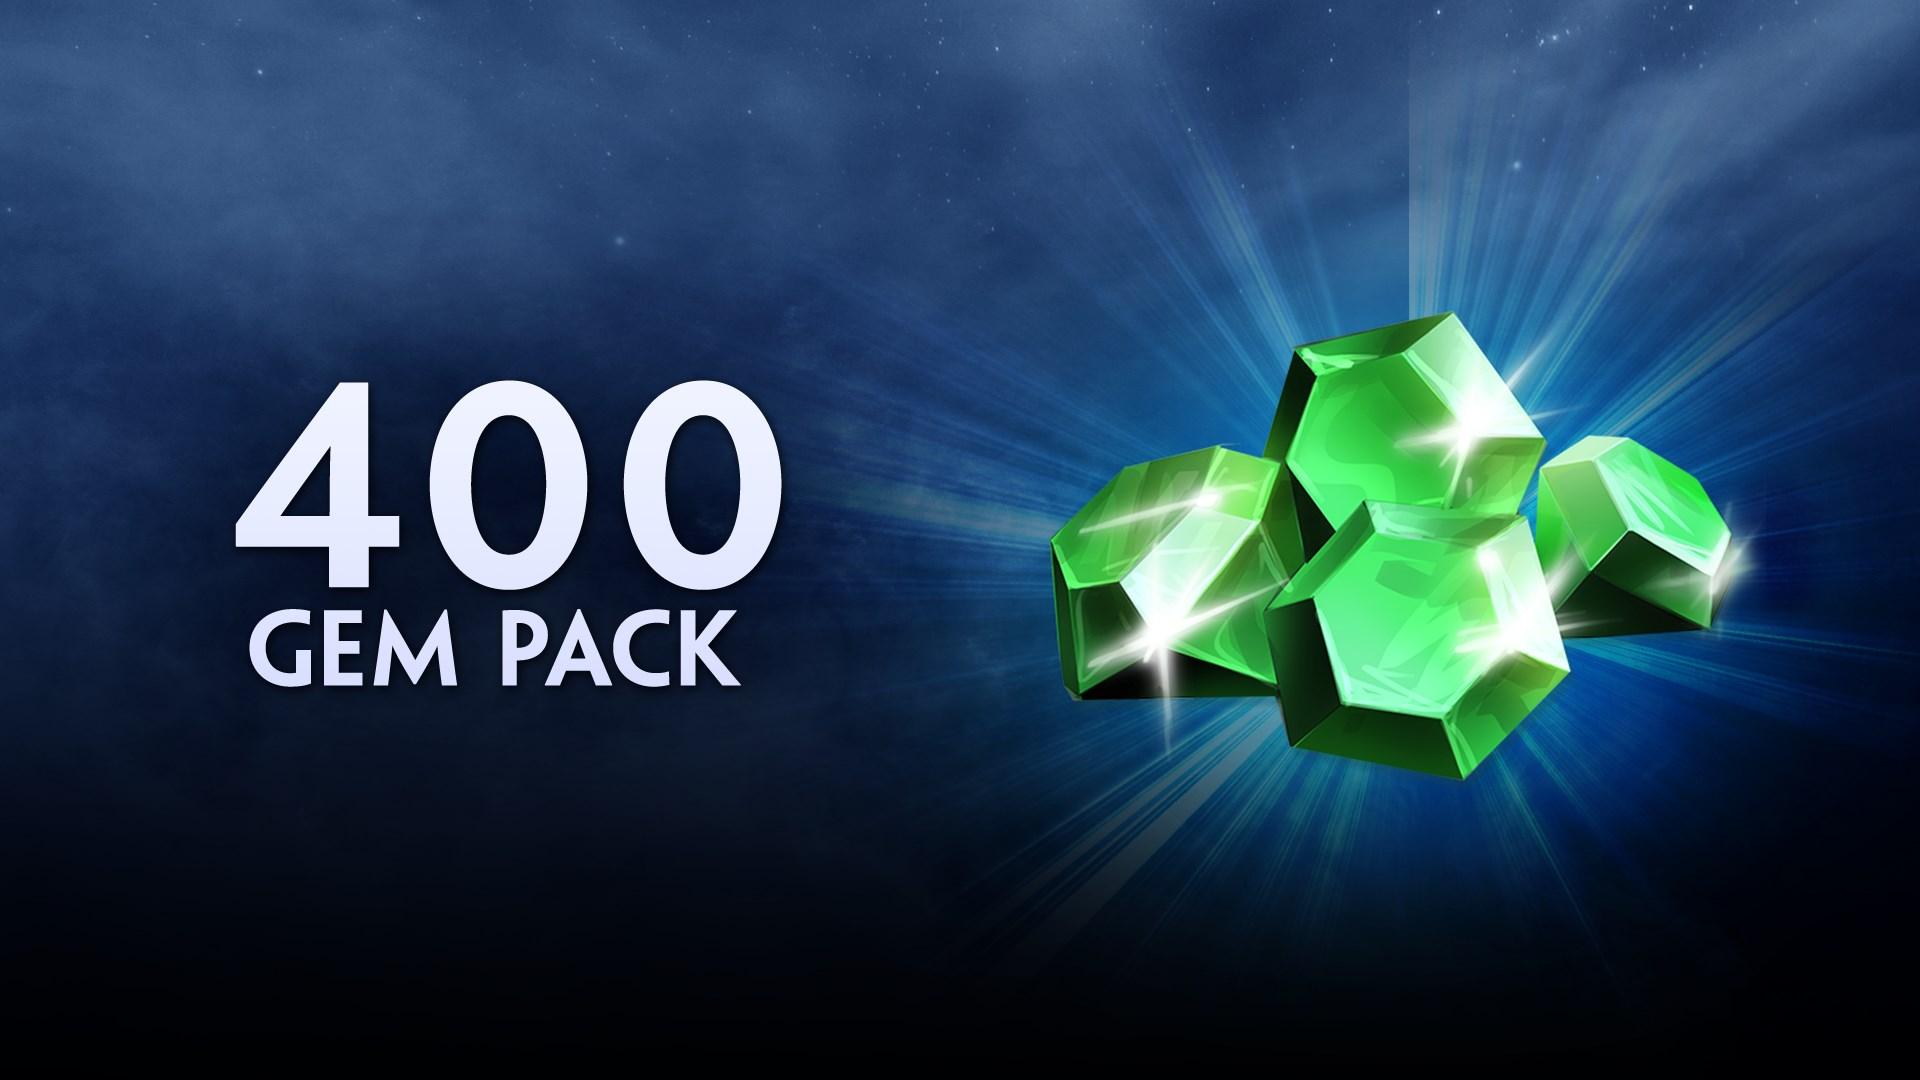 400 Gems